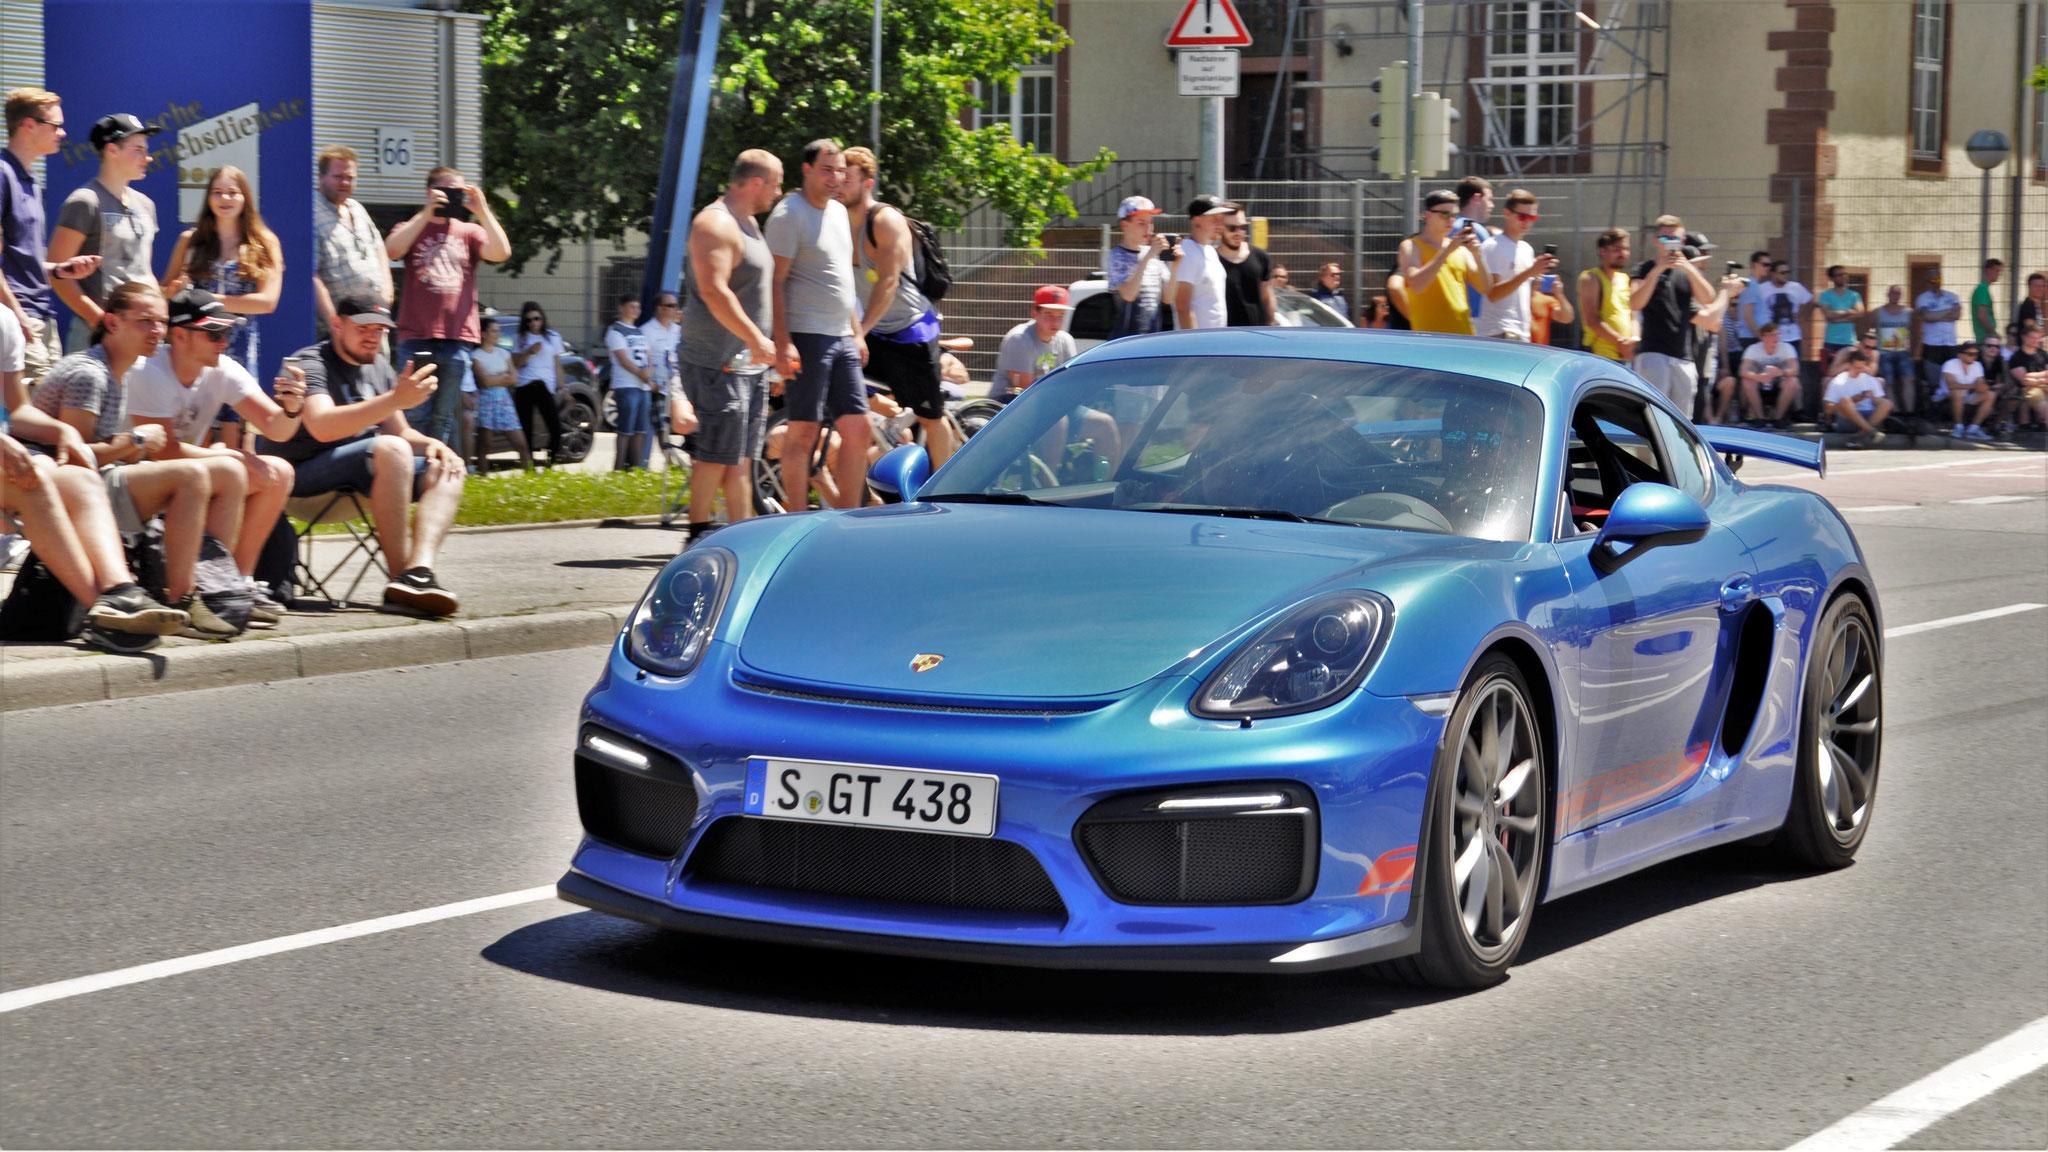 Porsche Cayman GT4 - S-GT-438